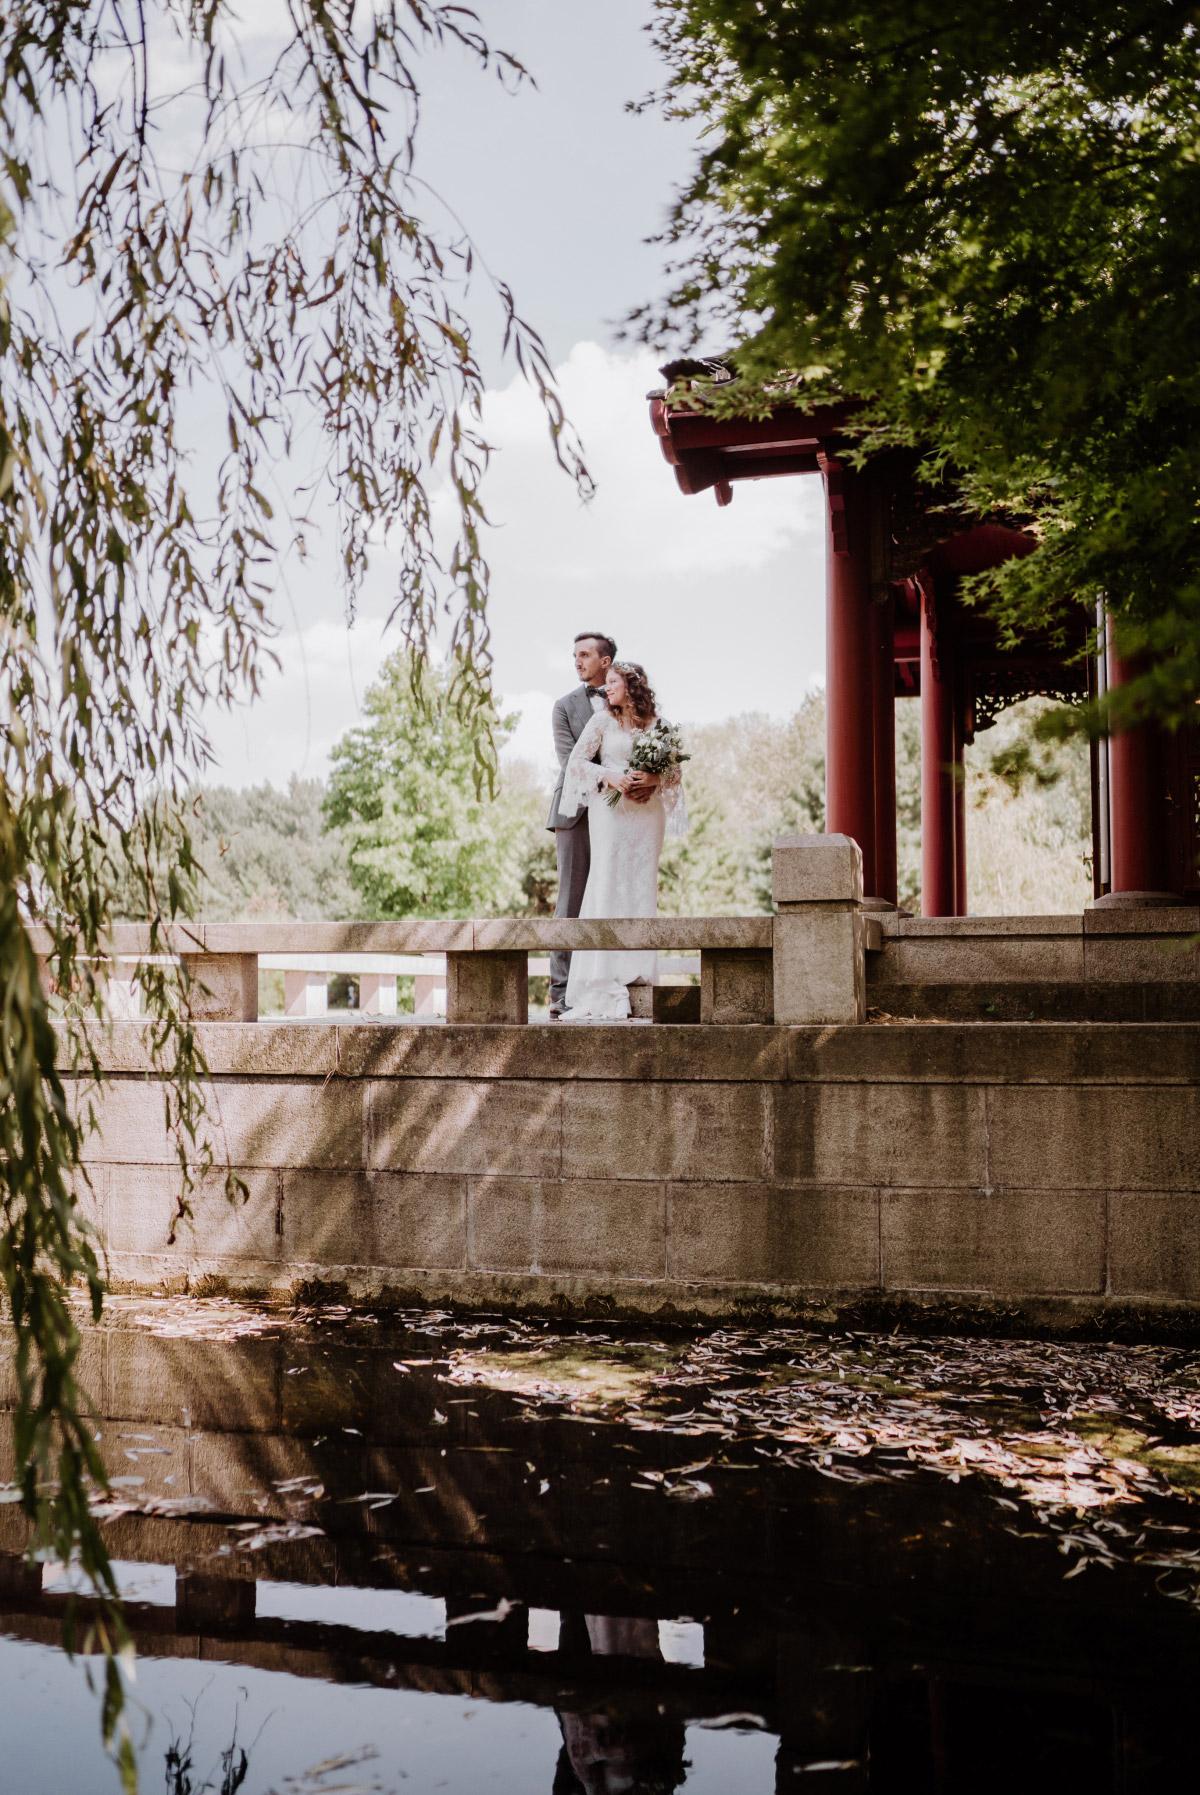 standesamtlich heiraten Berlin - Corona Hochzeit im Standesamt Berlin Gärten der Welt Chinesischer Garten - mehr im Blog von Hochzeitsfotografin Berlin © www.hochzeitslicht.de #hochzeitslicht